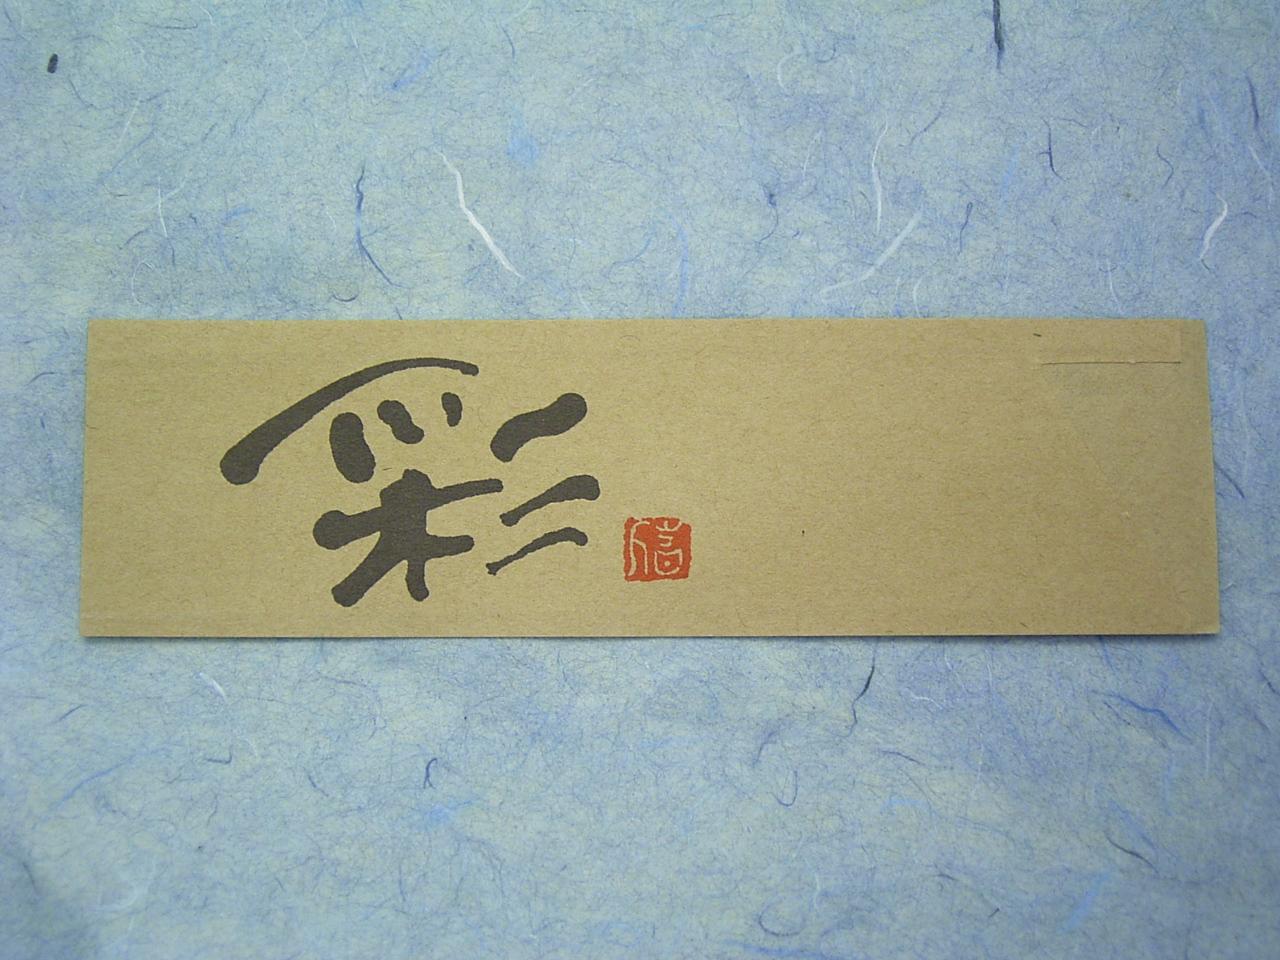 箸袋 ハカマサイズ ナチュラルミニ 彩(あや)  10,000枚 1ケース